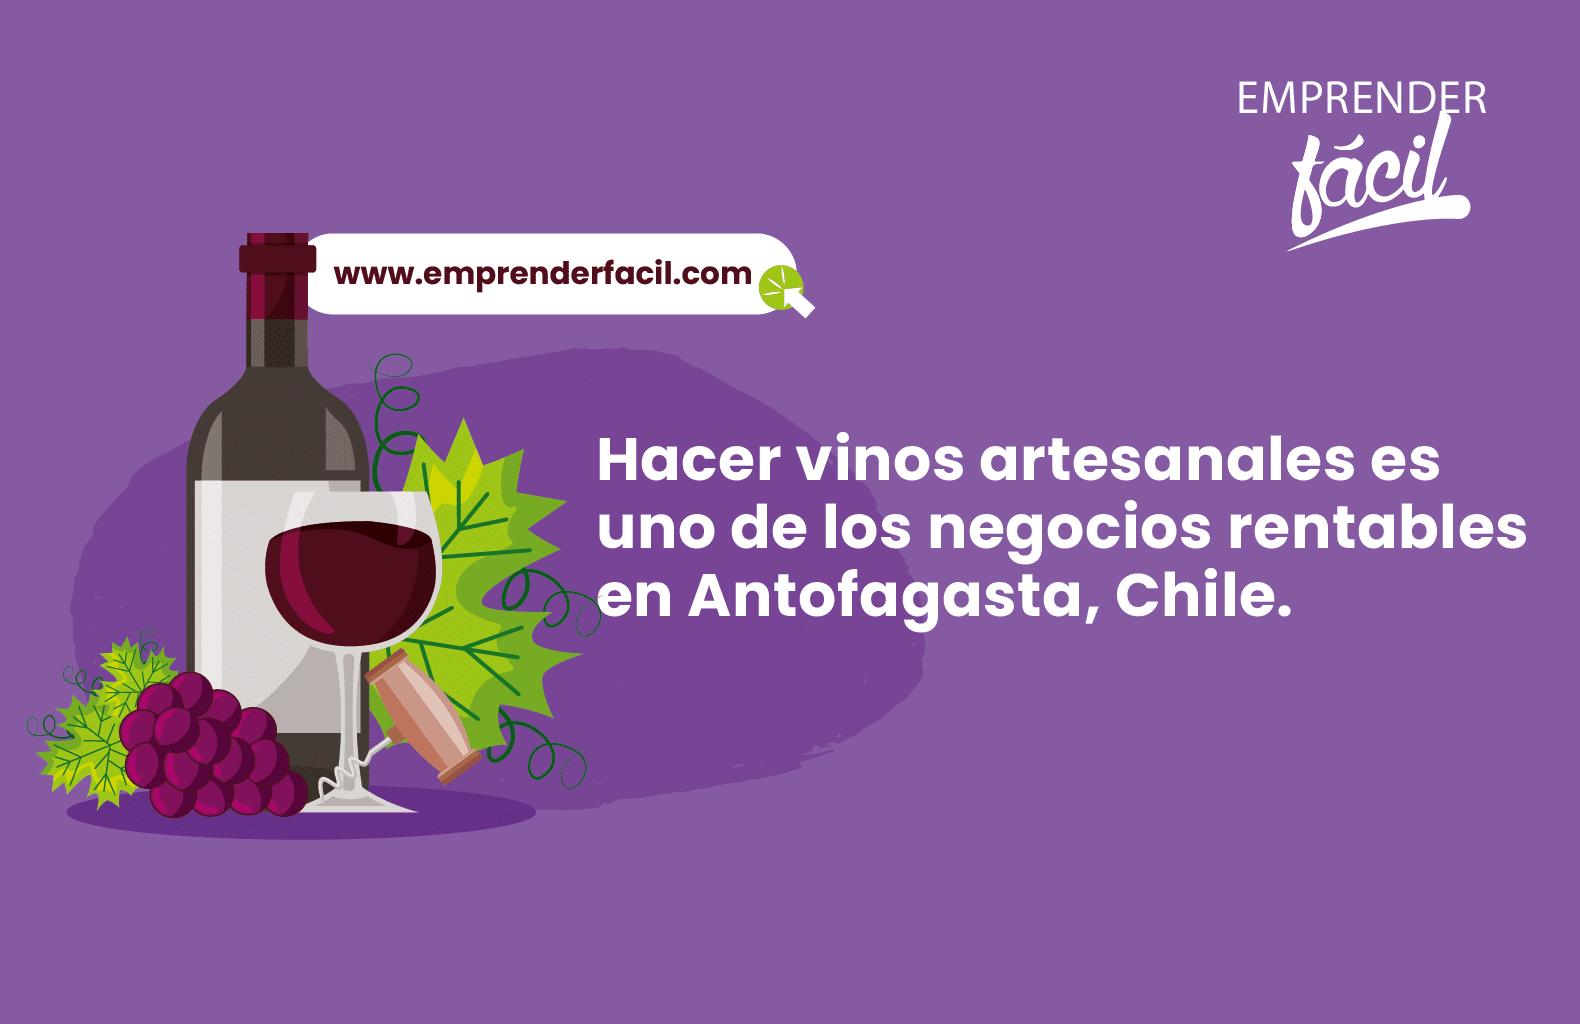 Hacer vinos artesanales es uno de los negocios rentables en Antofagasta, Chile.